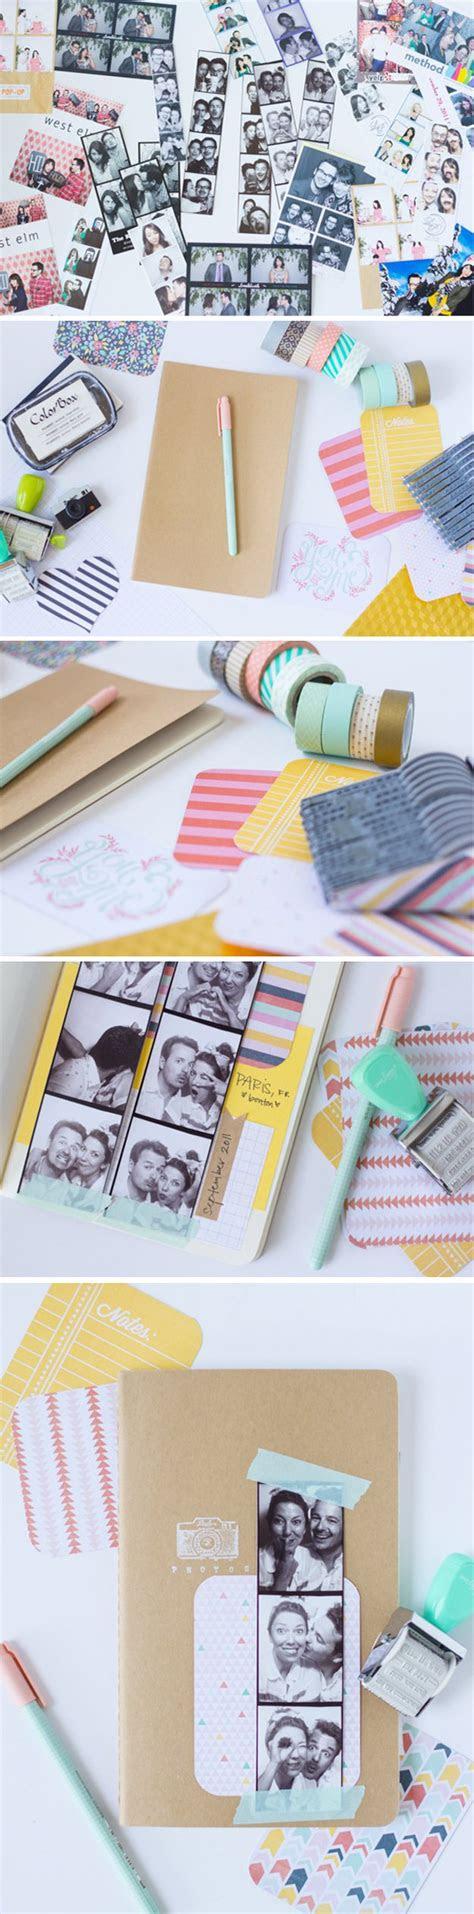 creative ways   washi tape diy crafts